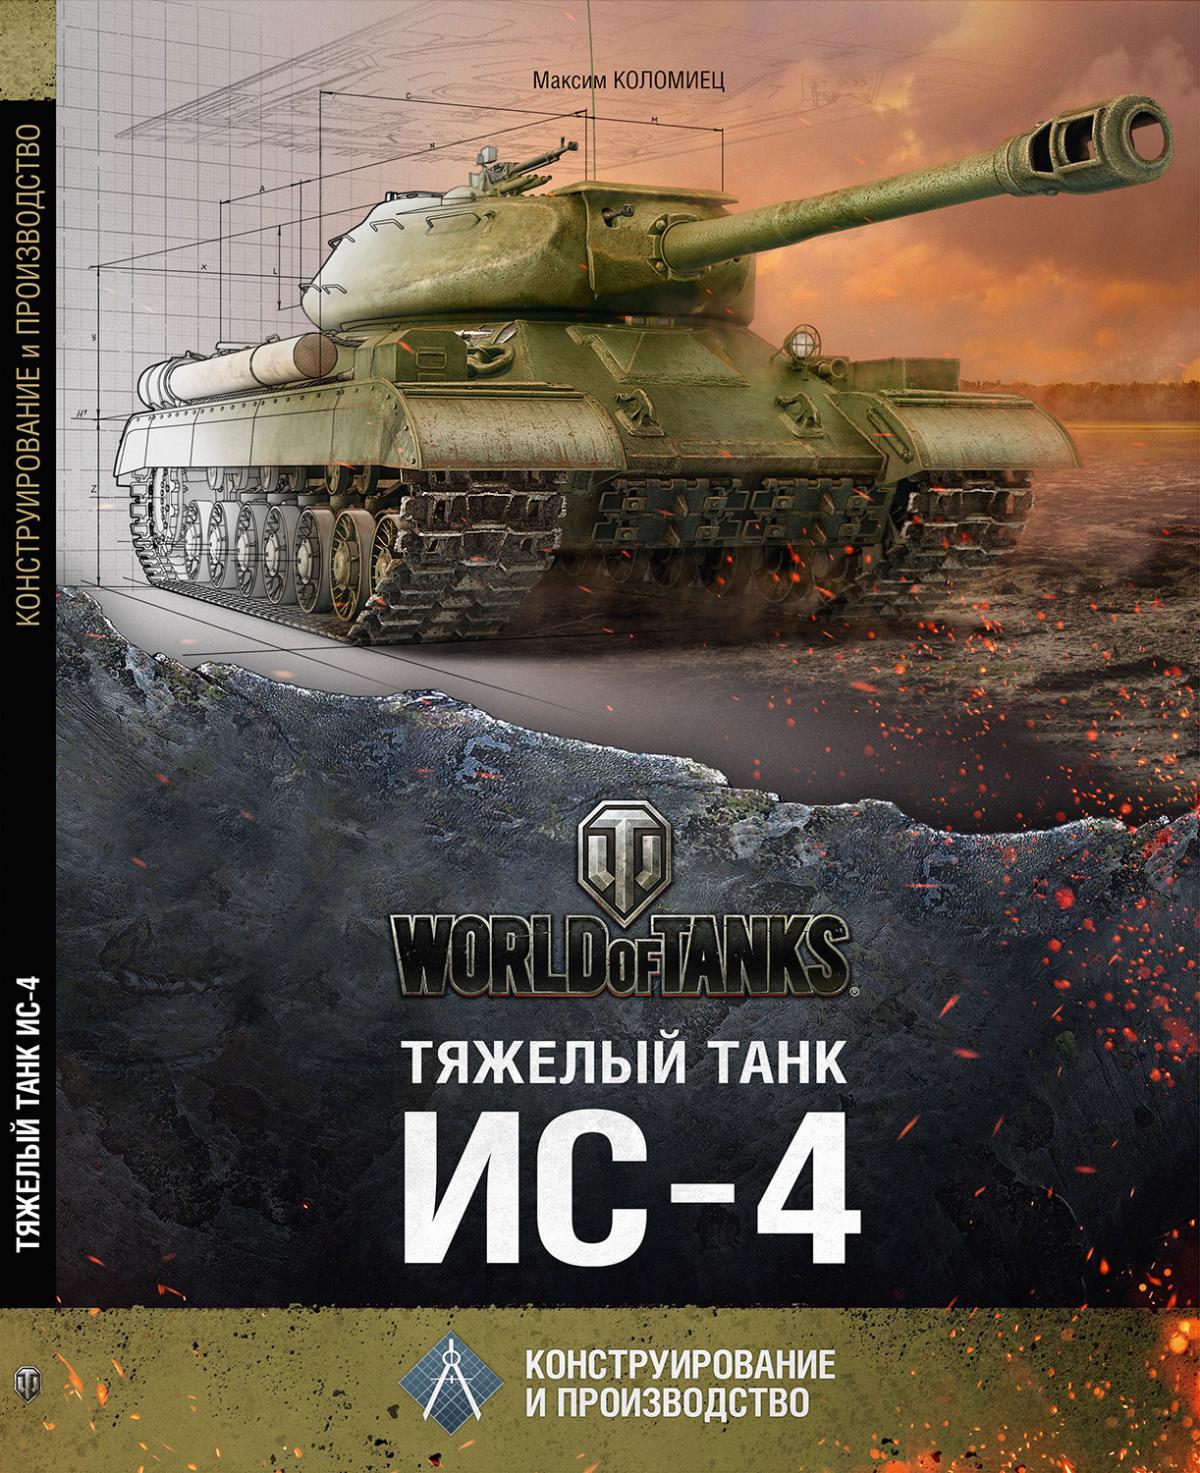 Русский ответ на world of tanks 20 фотография